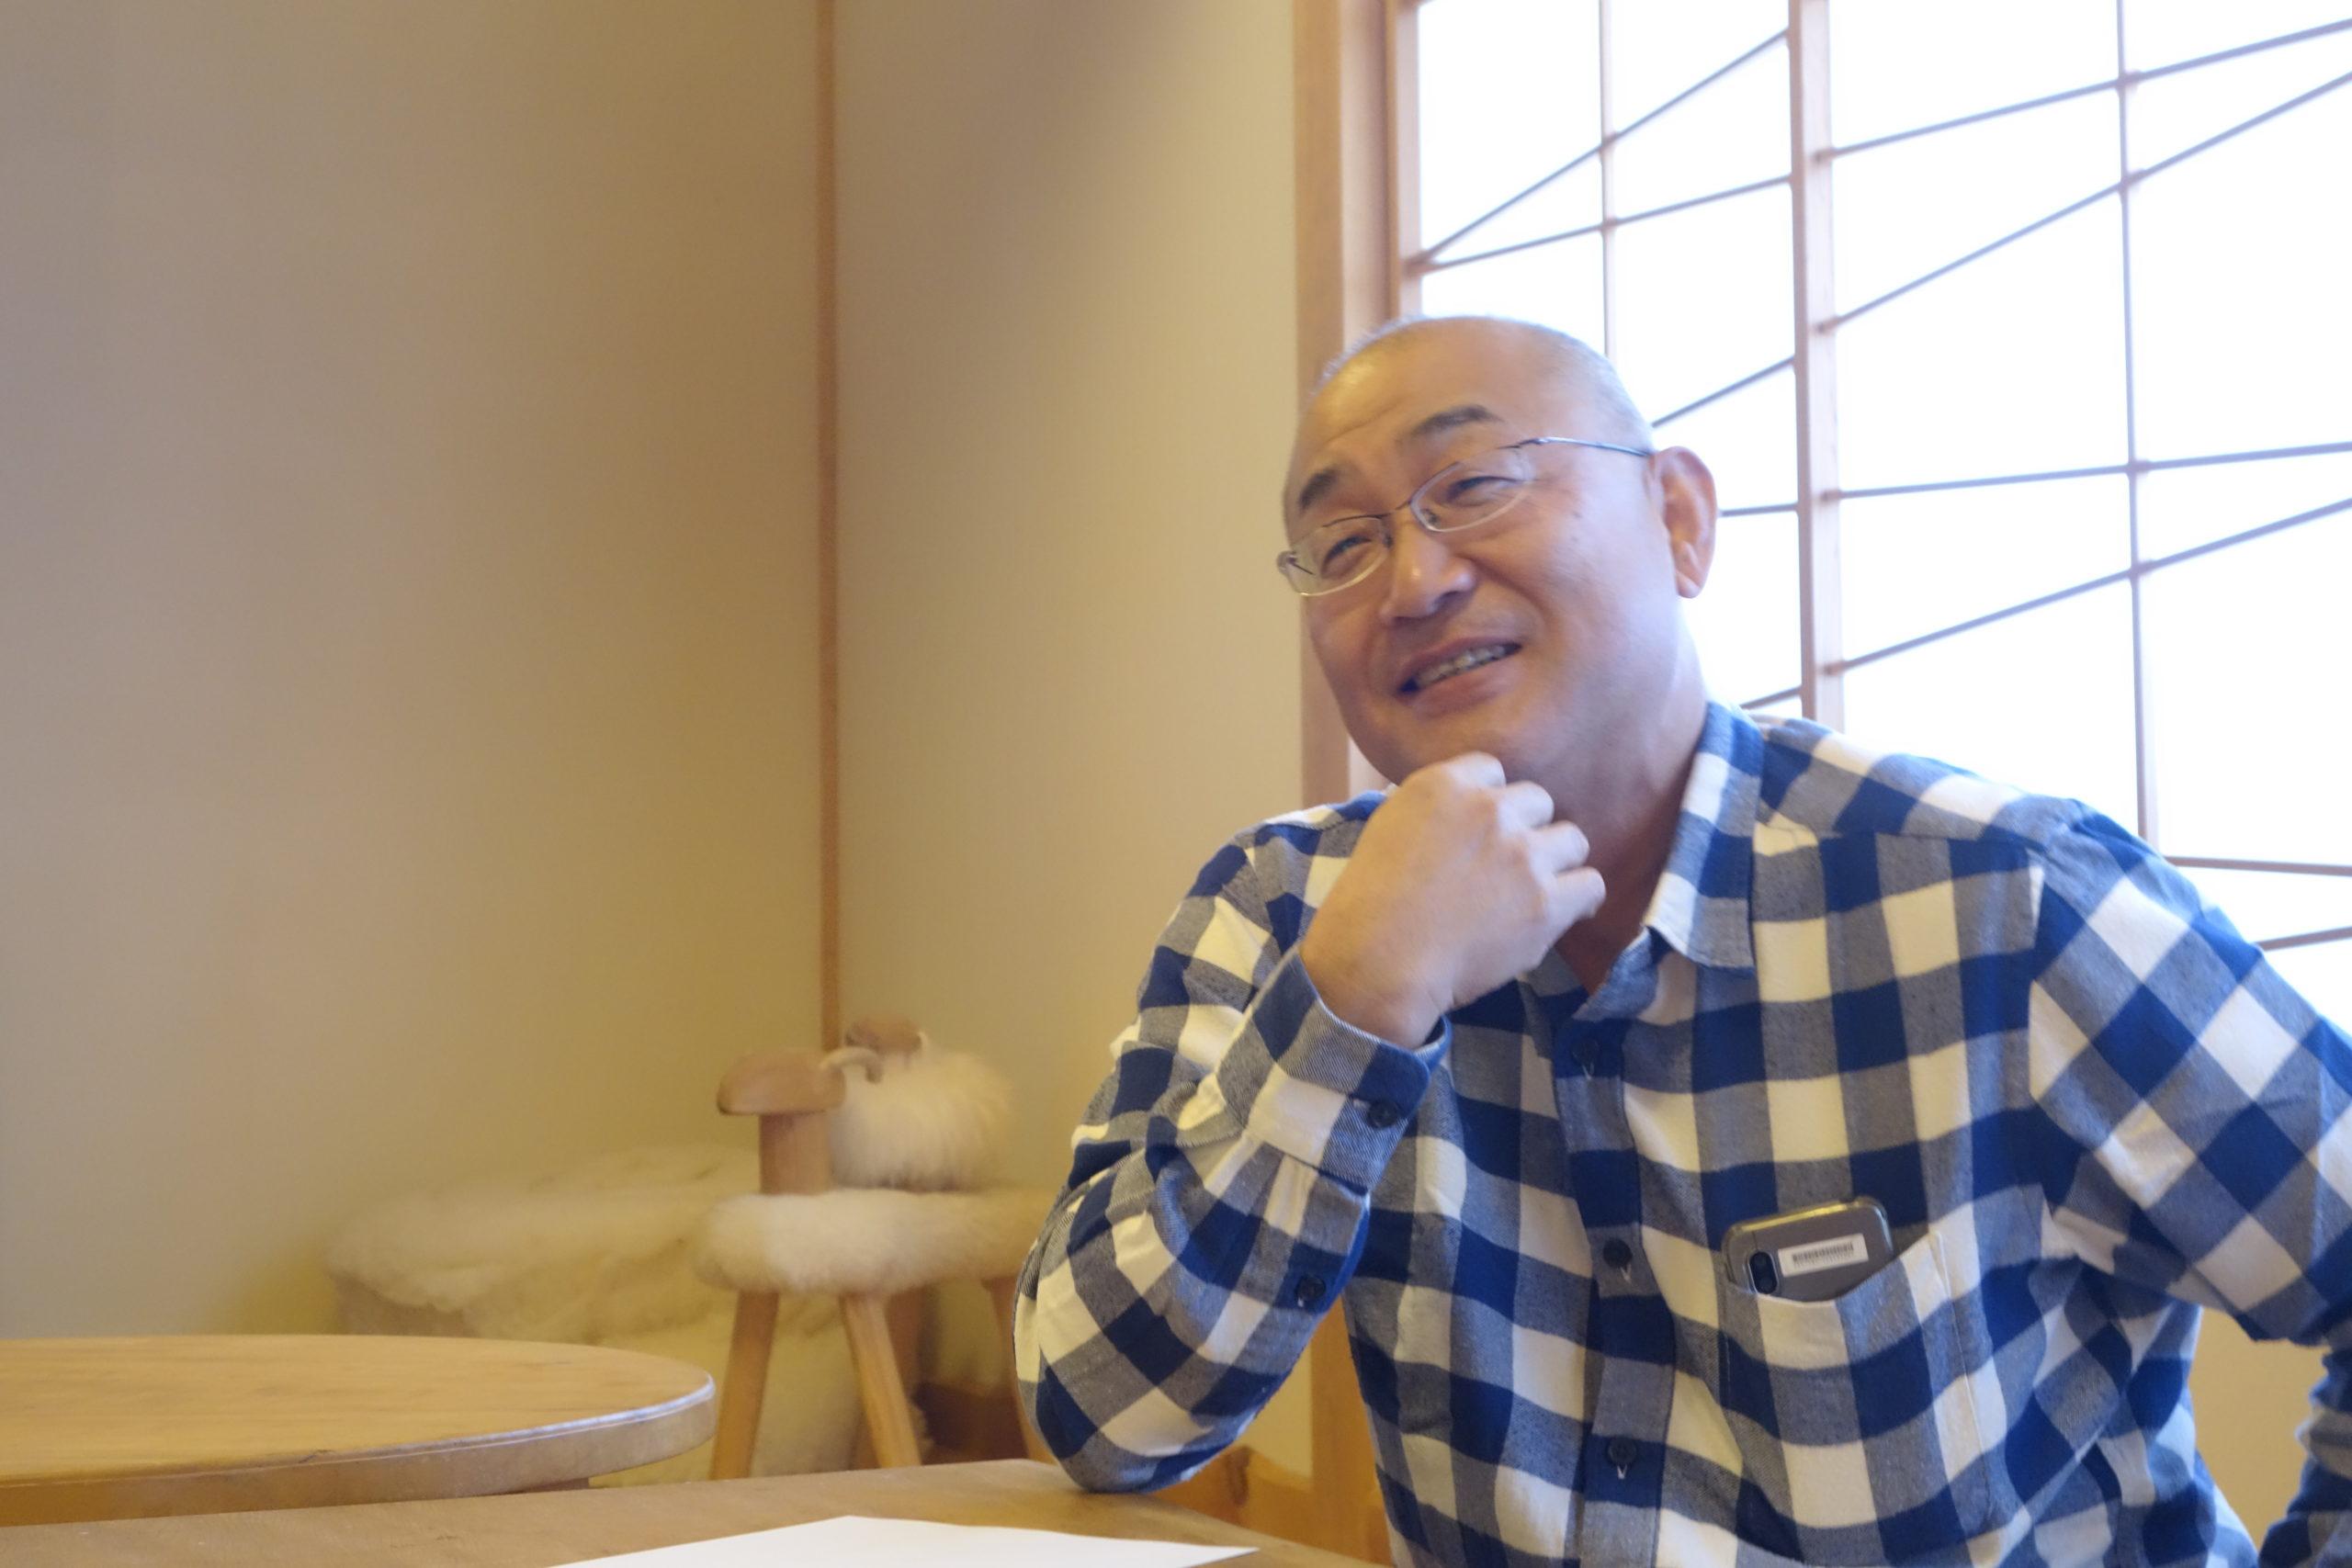 株式会社ムラモト 代表取締役 村本喜義氏①